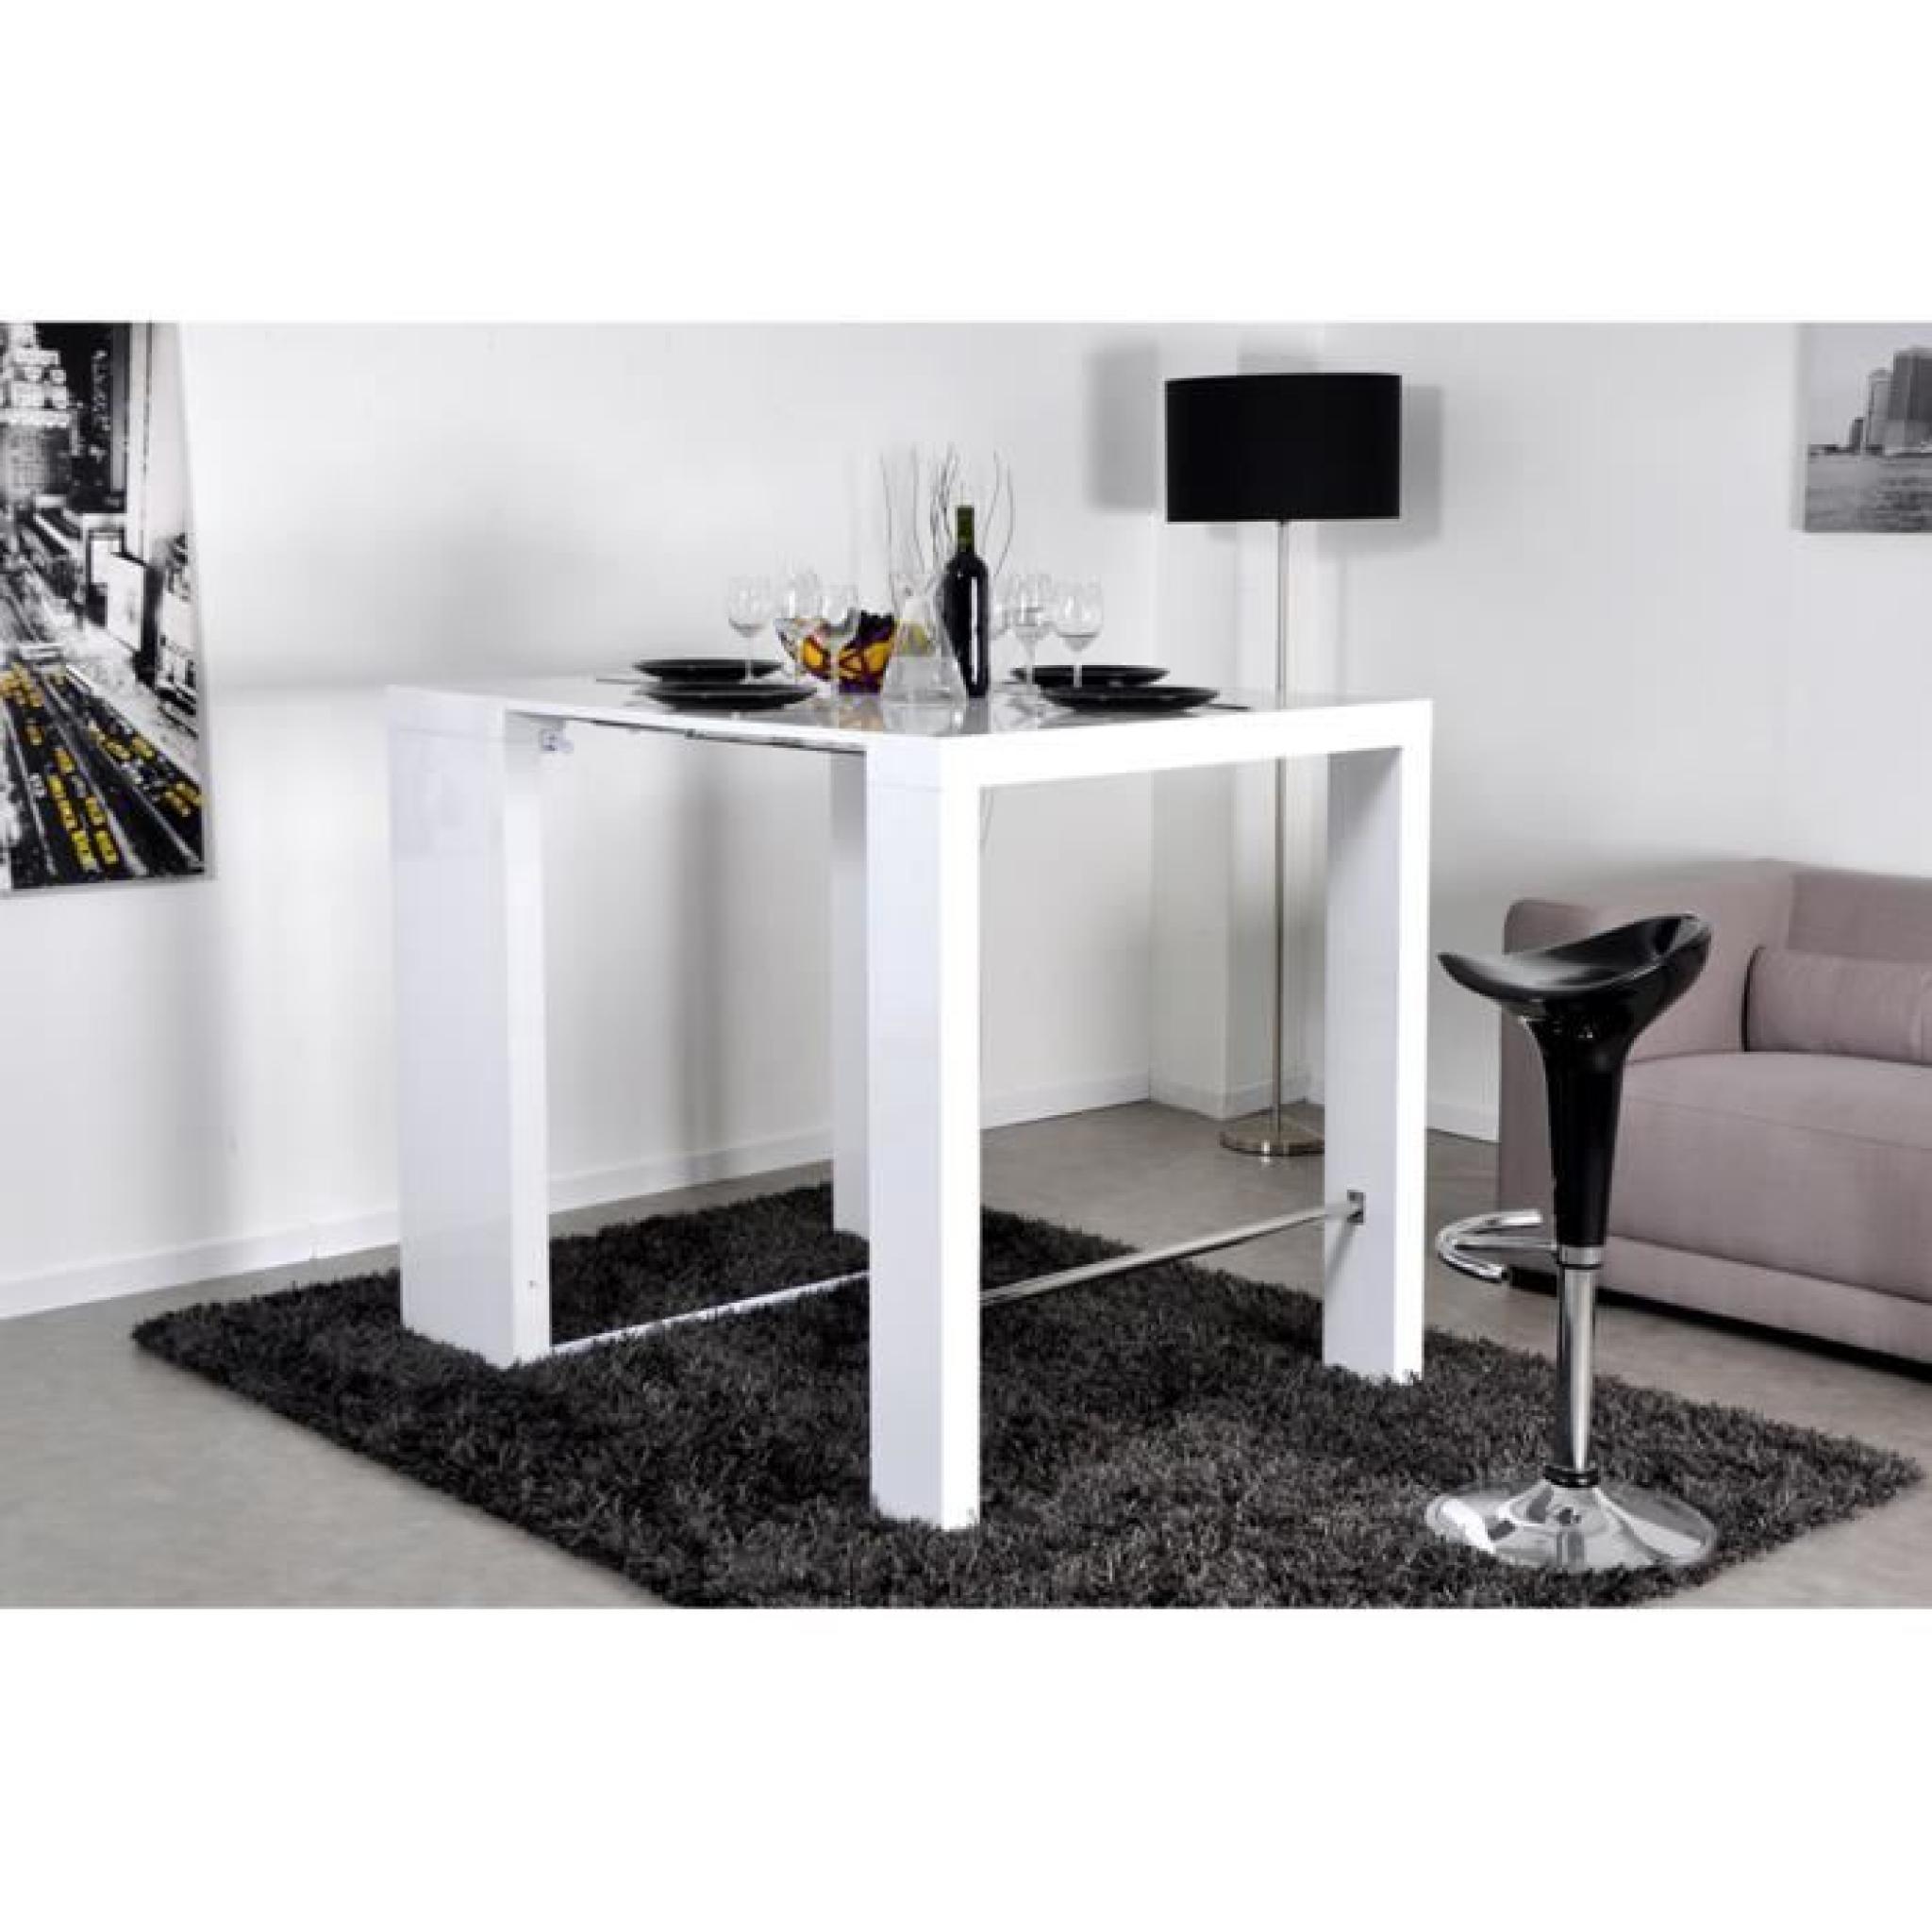 Table haute console extensible 2 rallonges blanc laqu - Salle a manger blanc laque pas cher ...